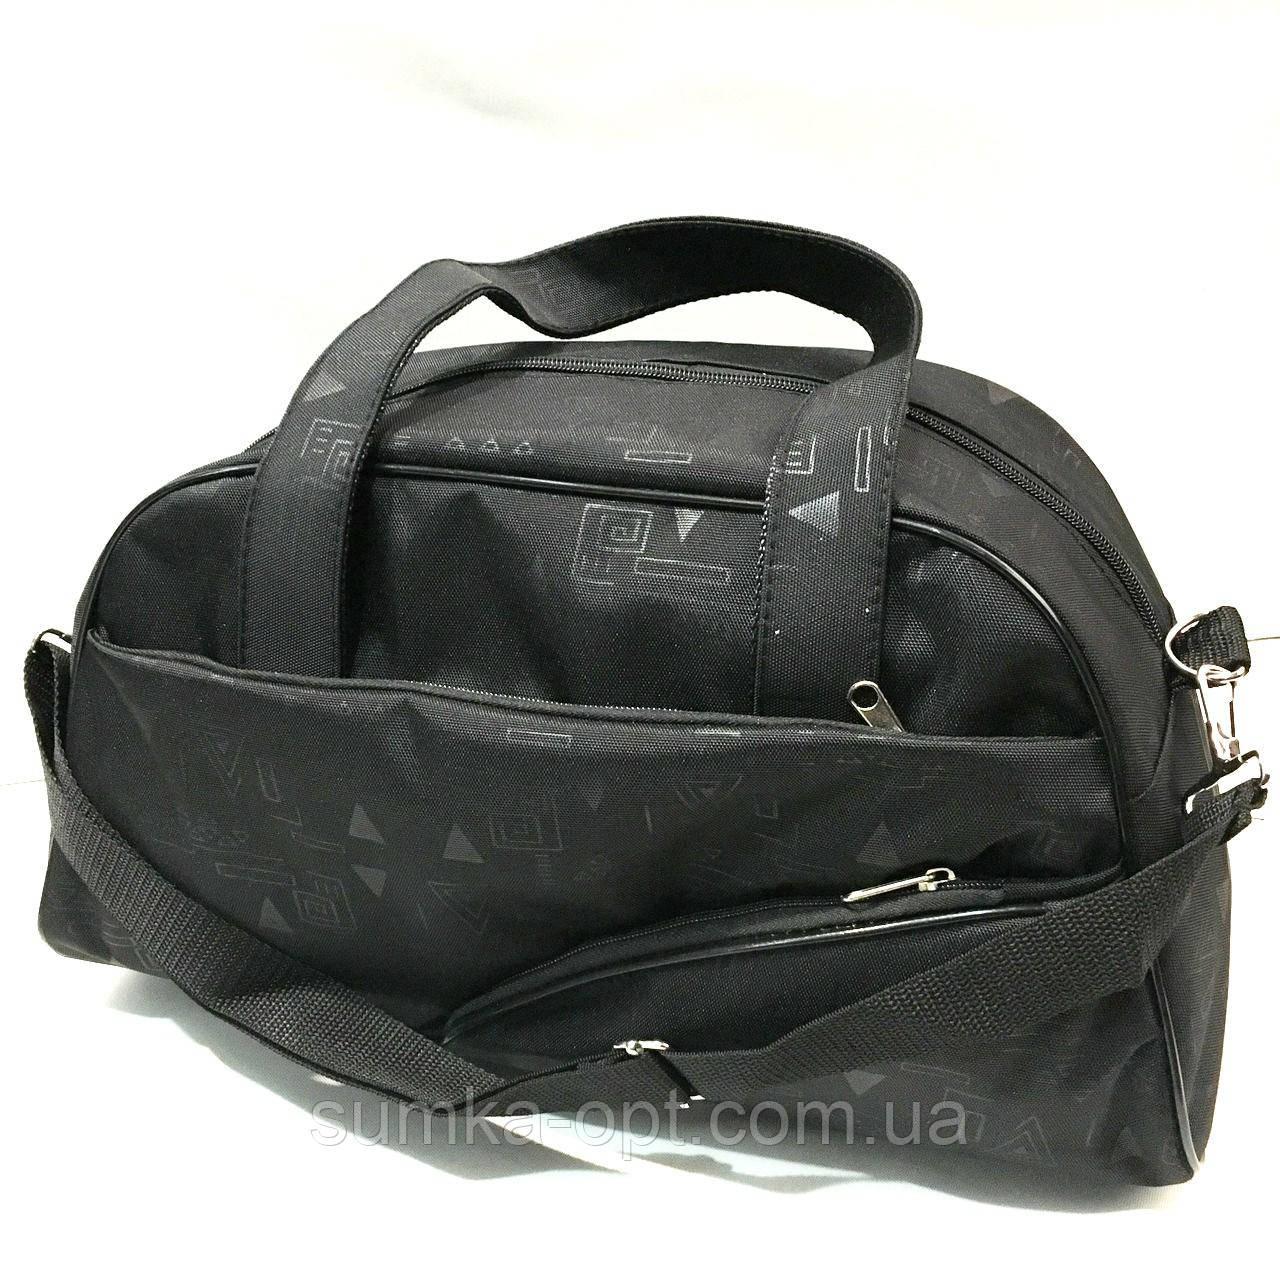 Універсальні дорожні сумки Україна (чорний принт)25*42см